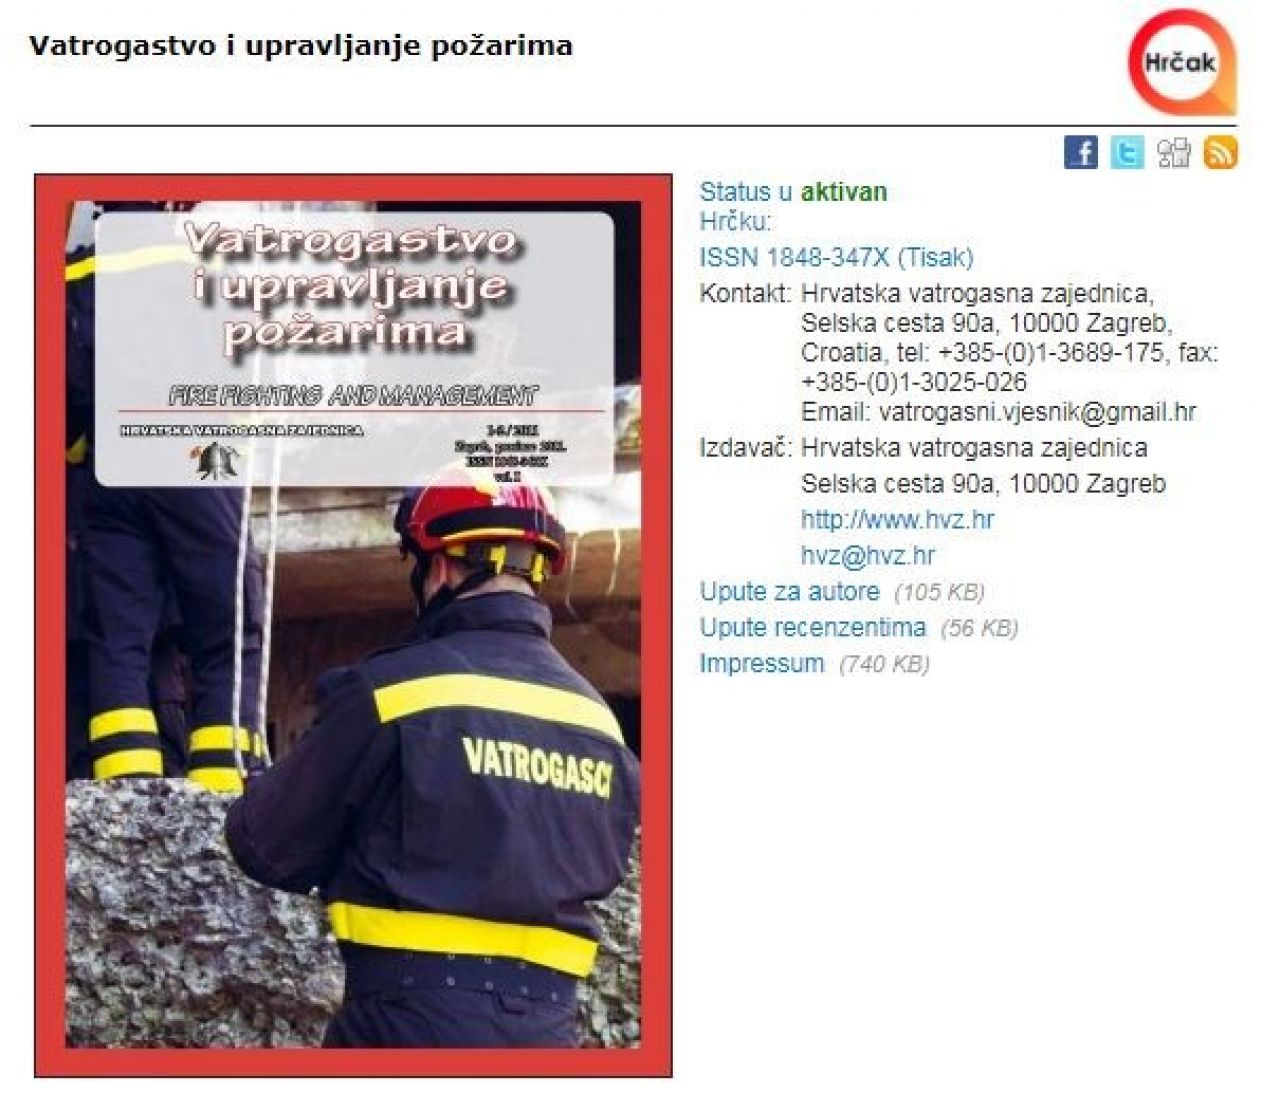 """Naš djelatnik, doc. dr. sc. Boris Dorbić, v. pred., postao je član uredništva  znanstveno-stručnog časopisa """"Vatrogastvo i upravljanje požarima"""", Hrvatske vatrogasne zajednice."""